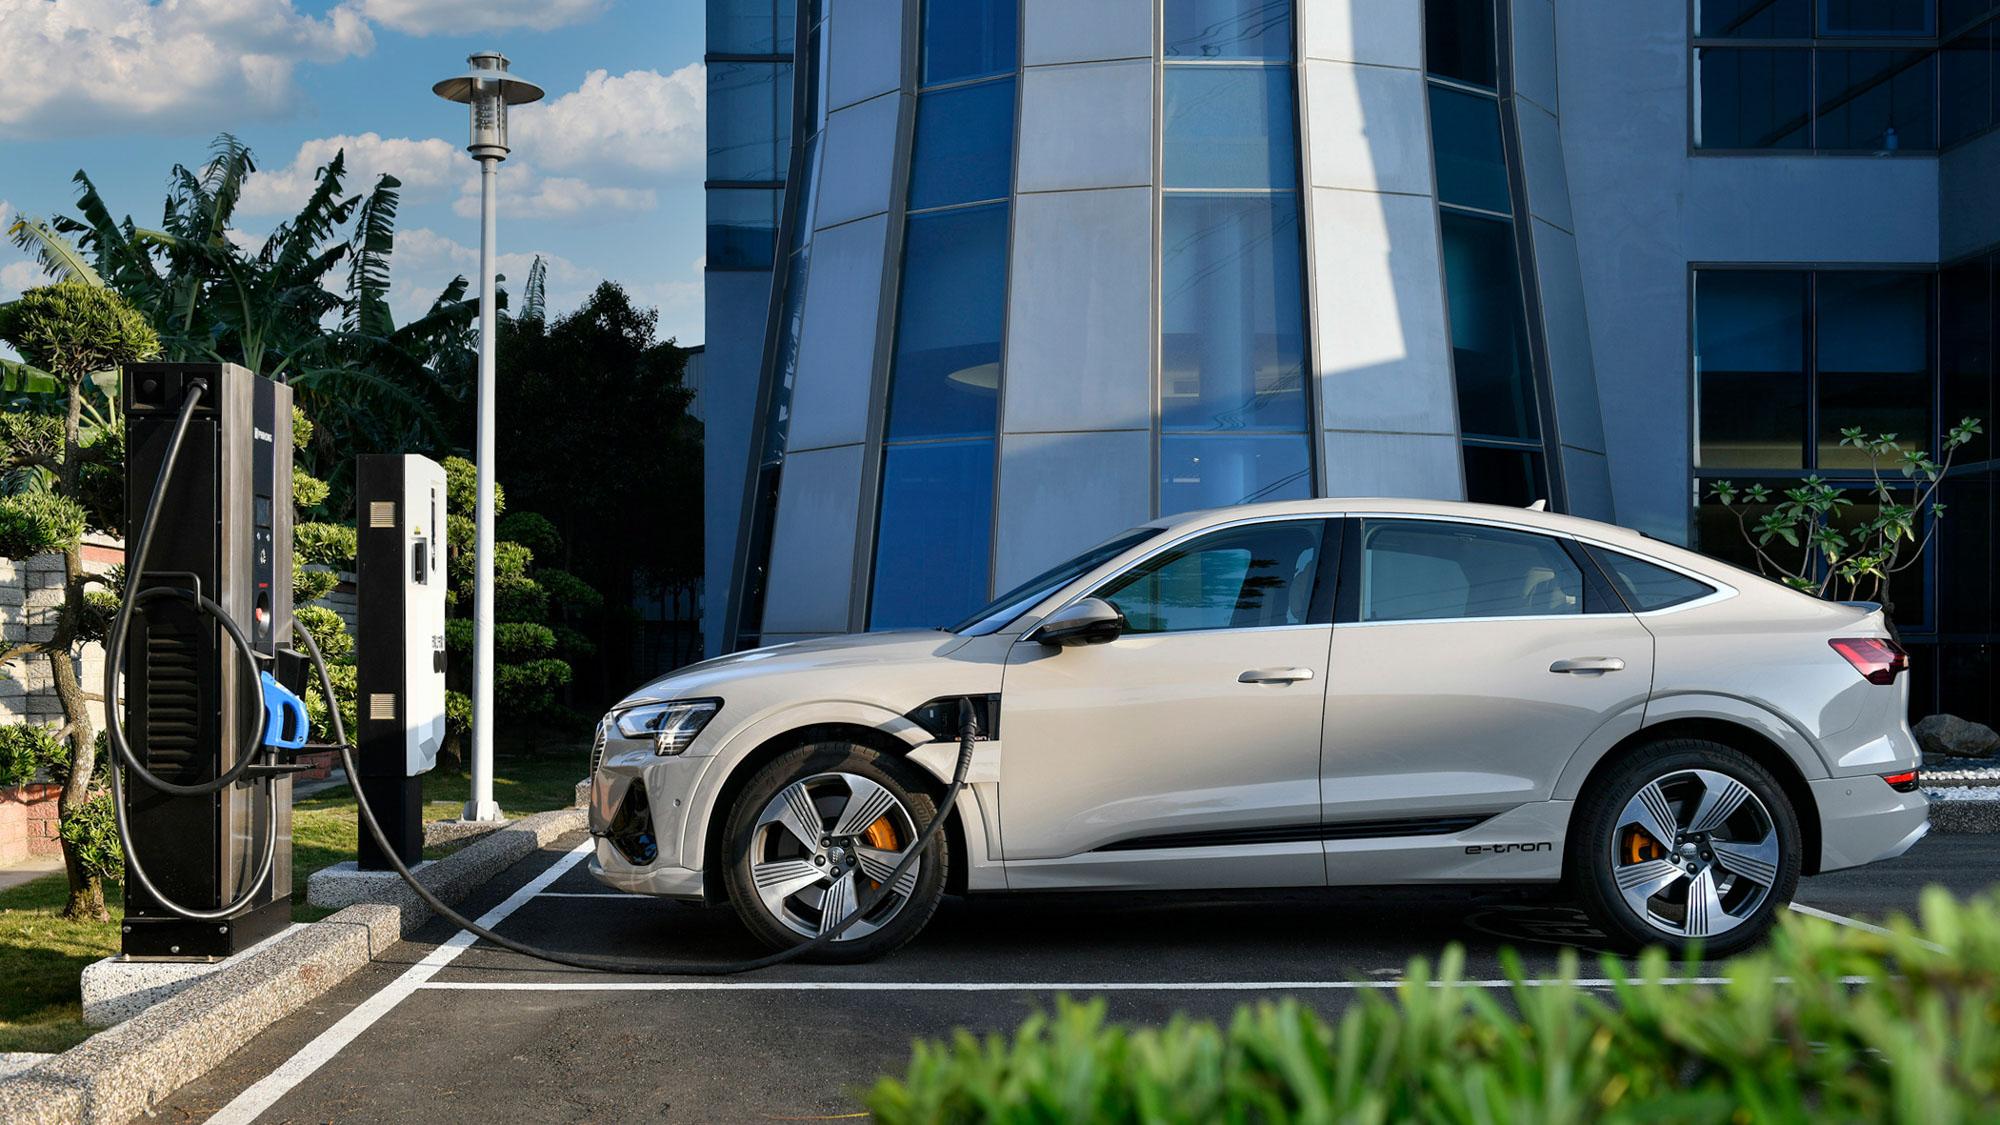 共組 CCS1 快充平台,或許是傳統車廠對抗 Tesla 的契機?